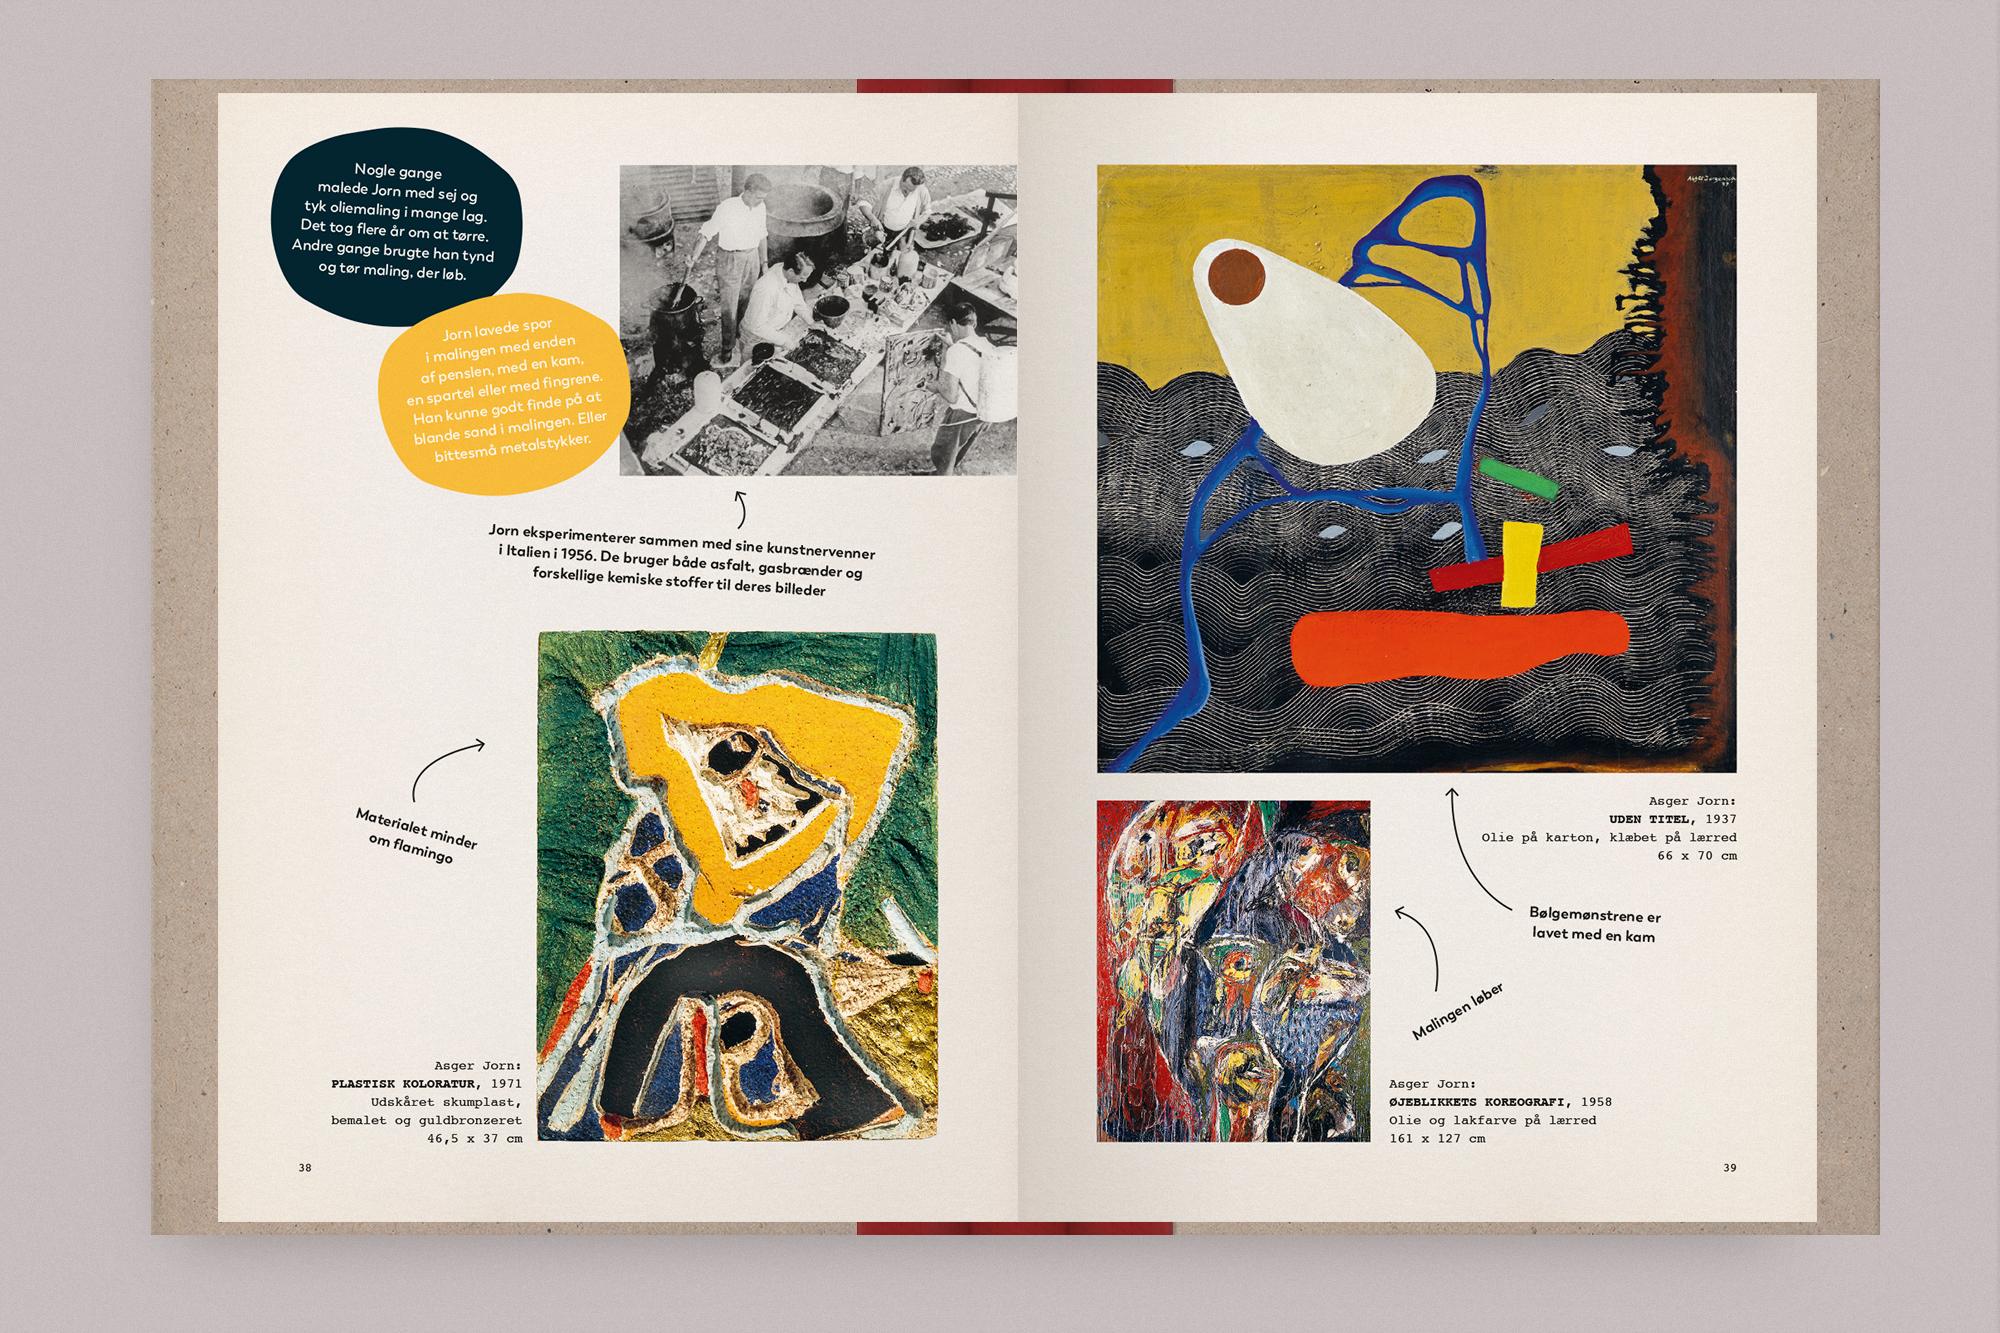 100-eksperimenter-asger-jorn-bogdesign-grafisk-museum-malene-hald-16a